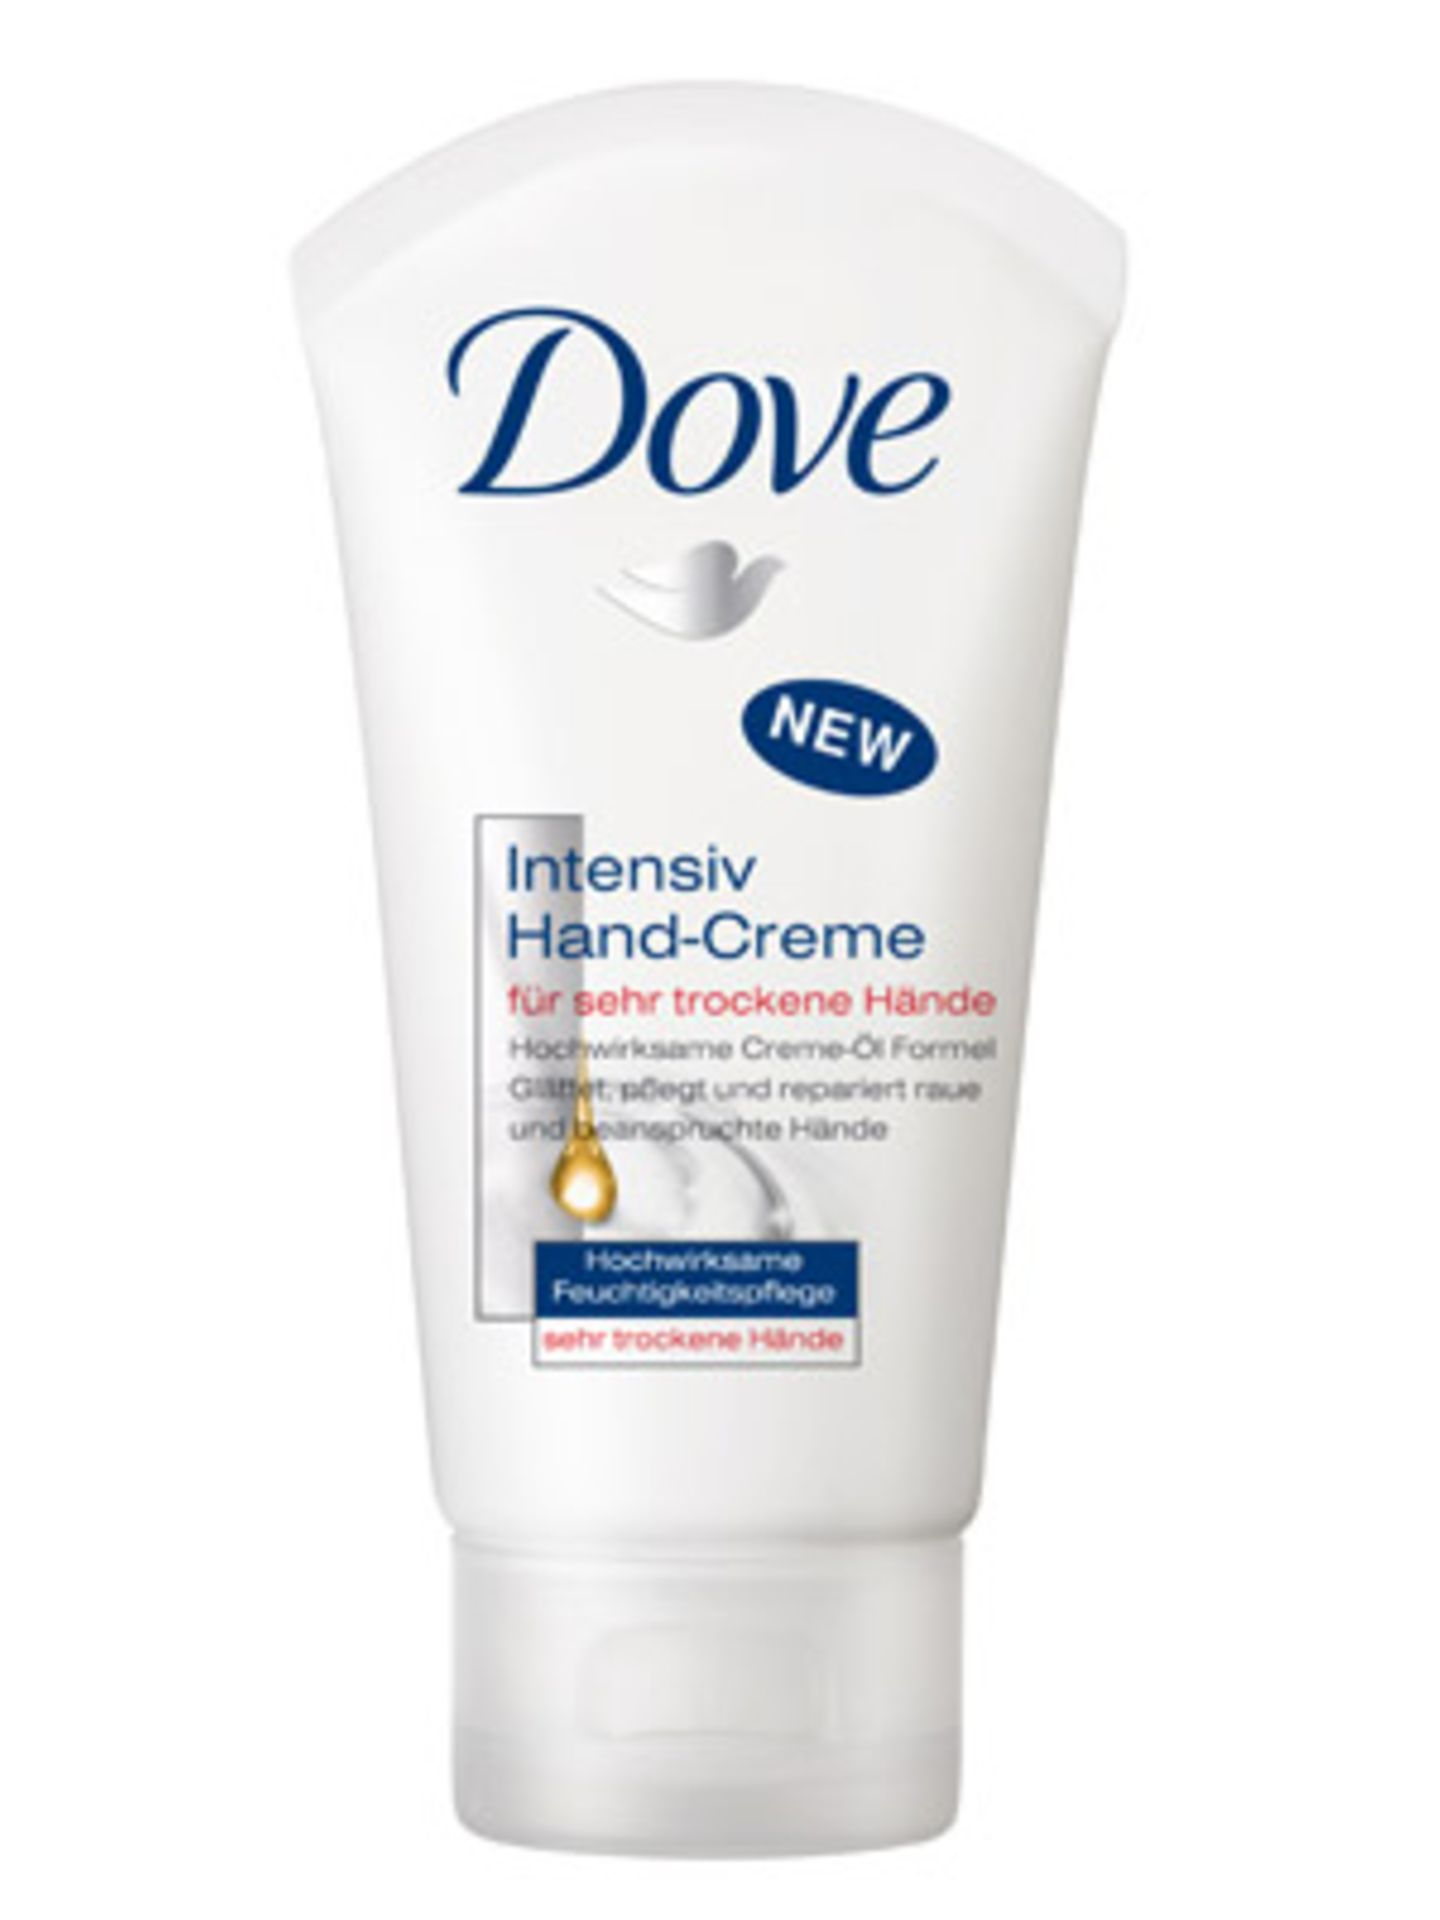 Intensiv-Handcreme von Dove für sehr trockene Hände. Ca. 2,50 Euro.